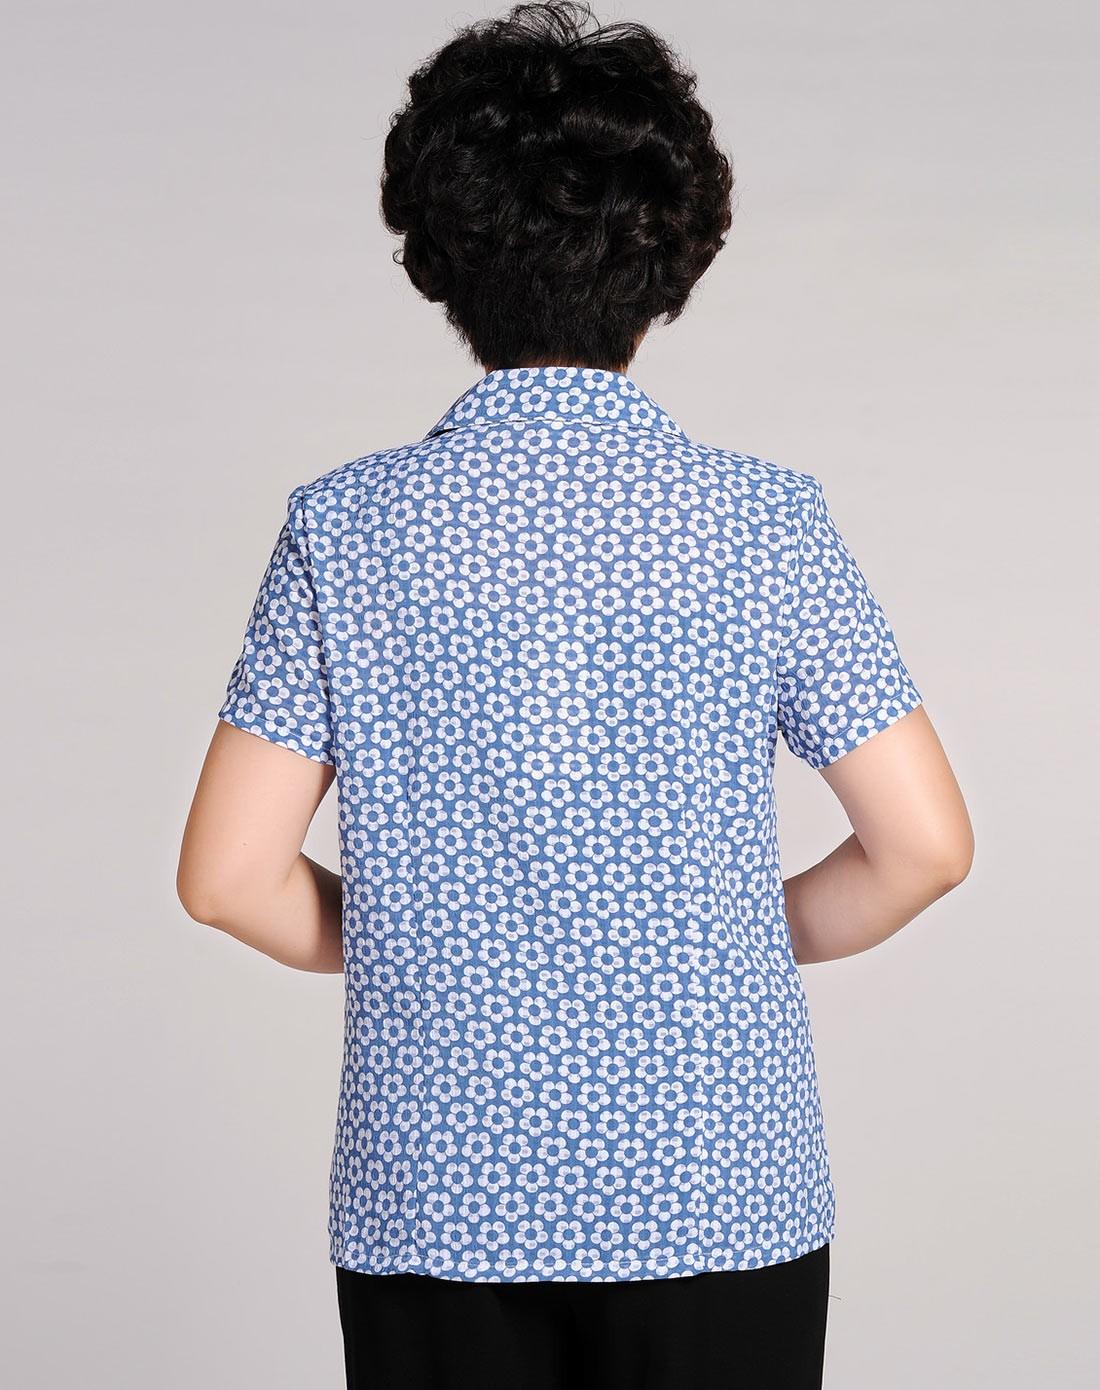 浅蓝色梅花翻领短袖衬衣